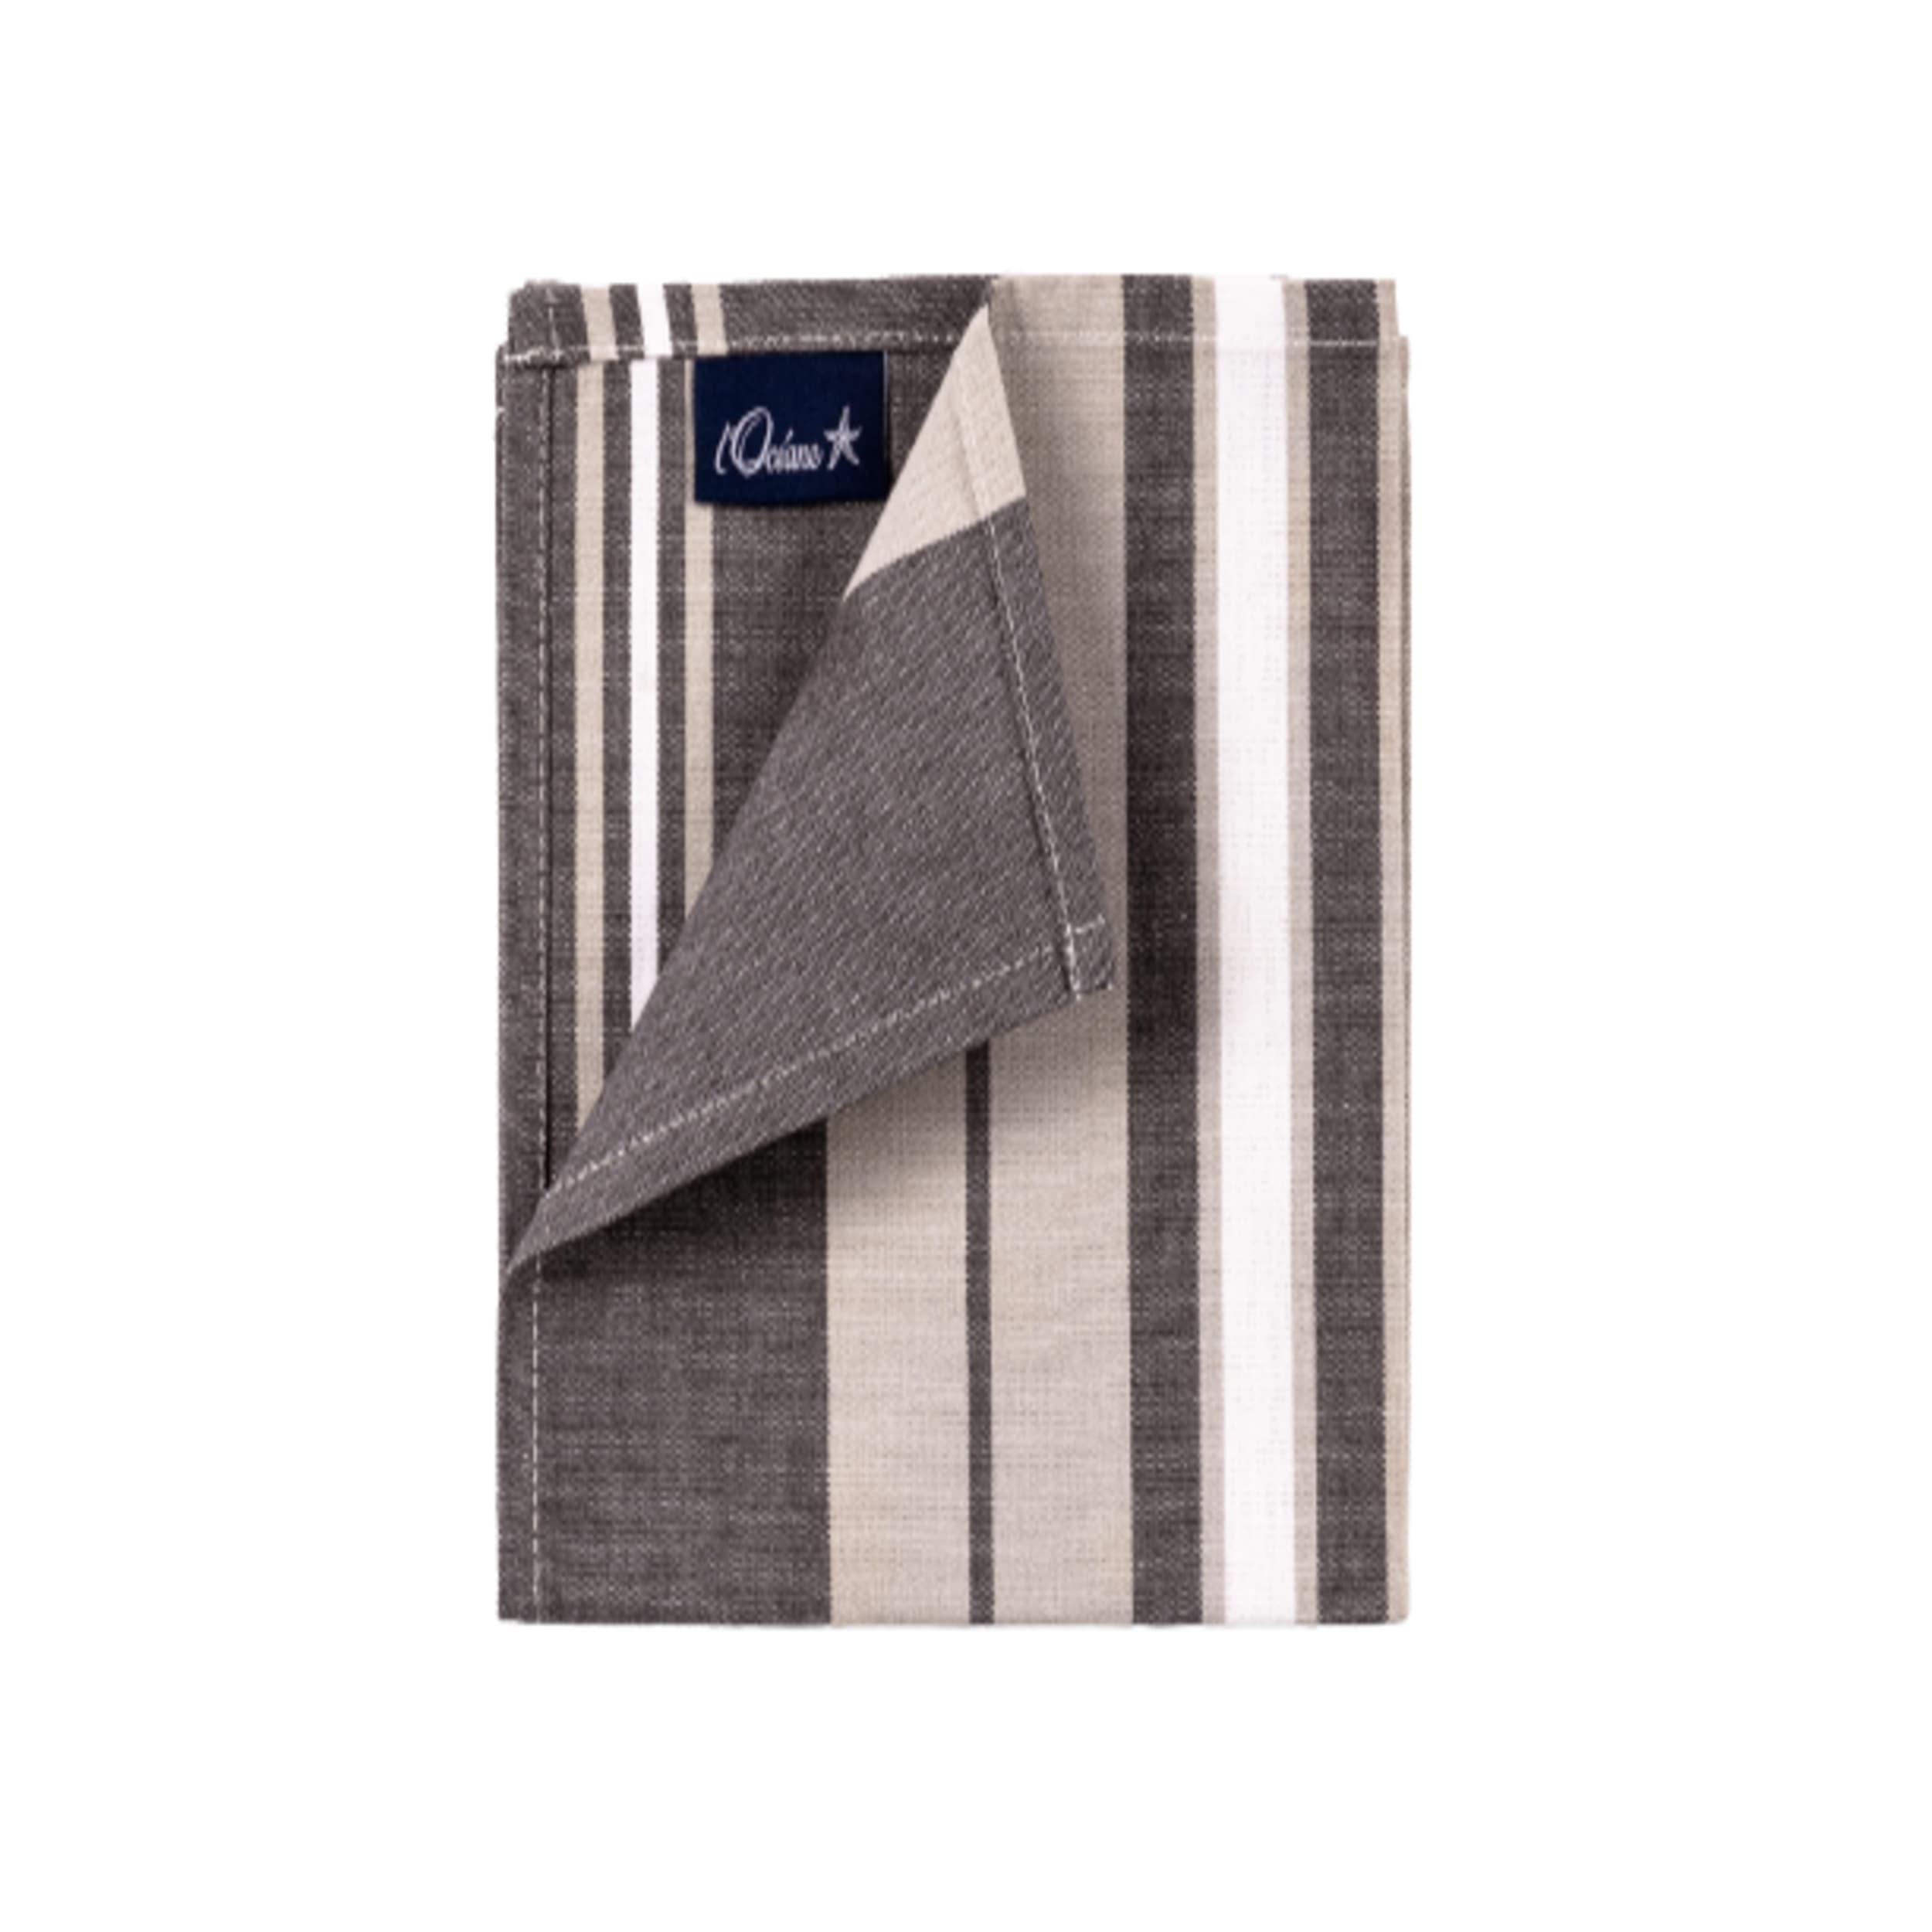 1 lot de 6 serviettes de table 100% coton gris 50 x 50 cm